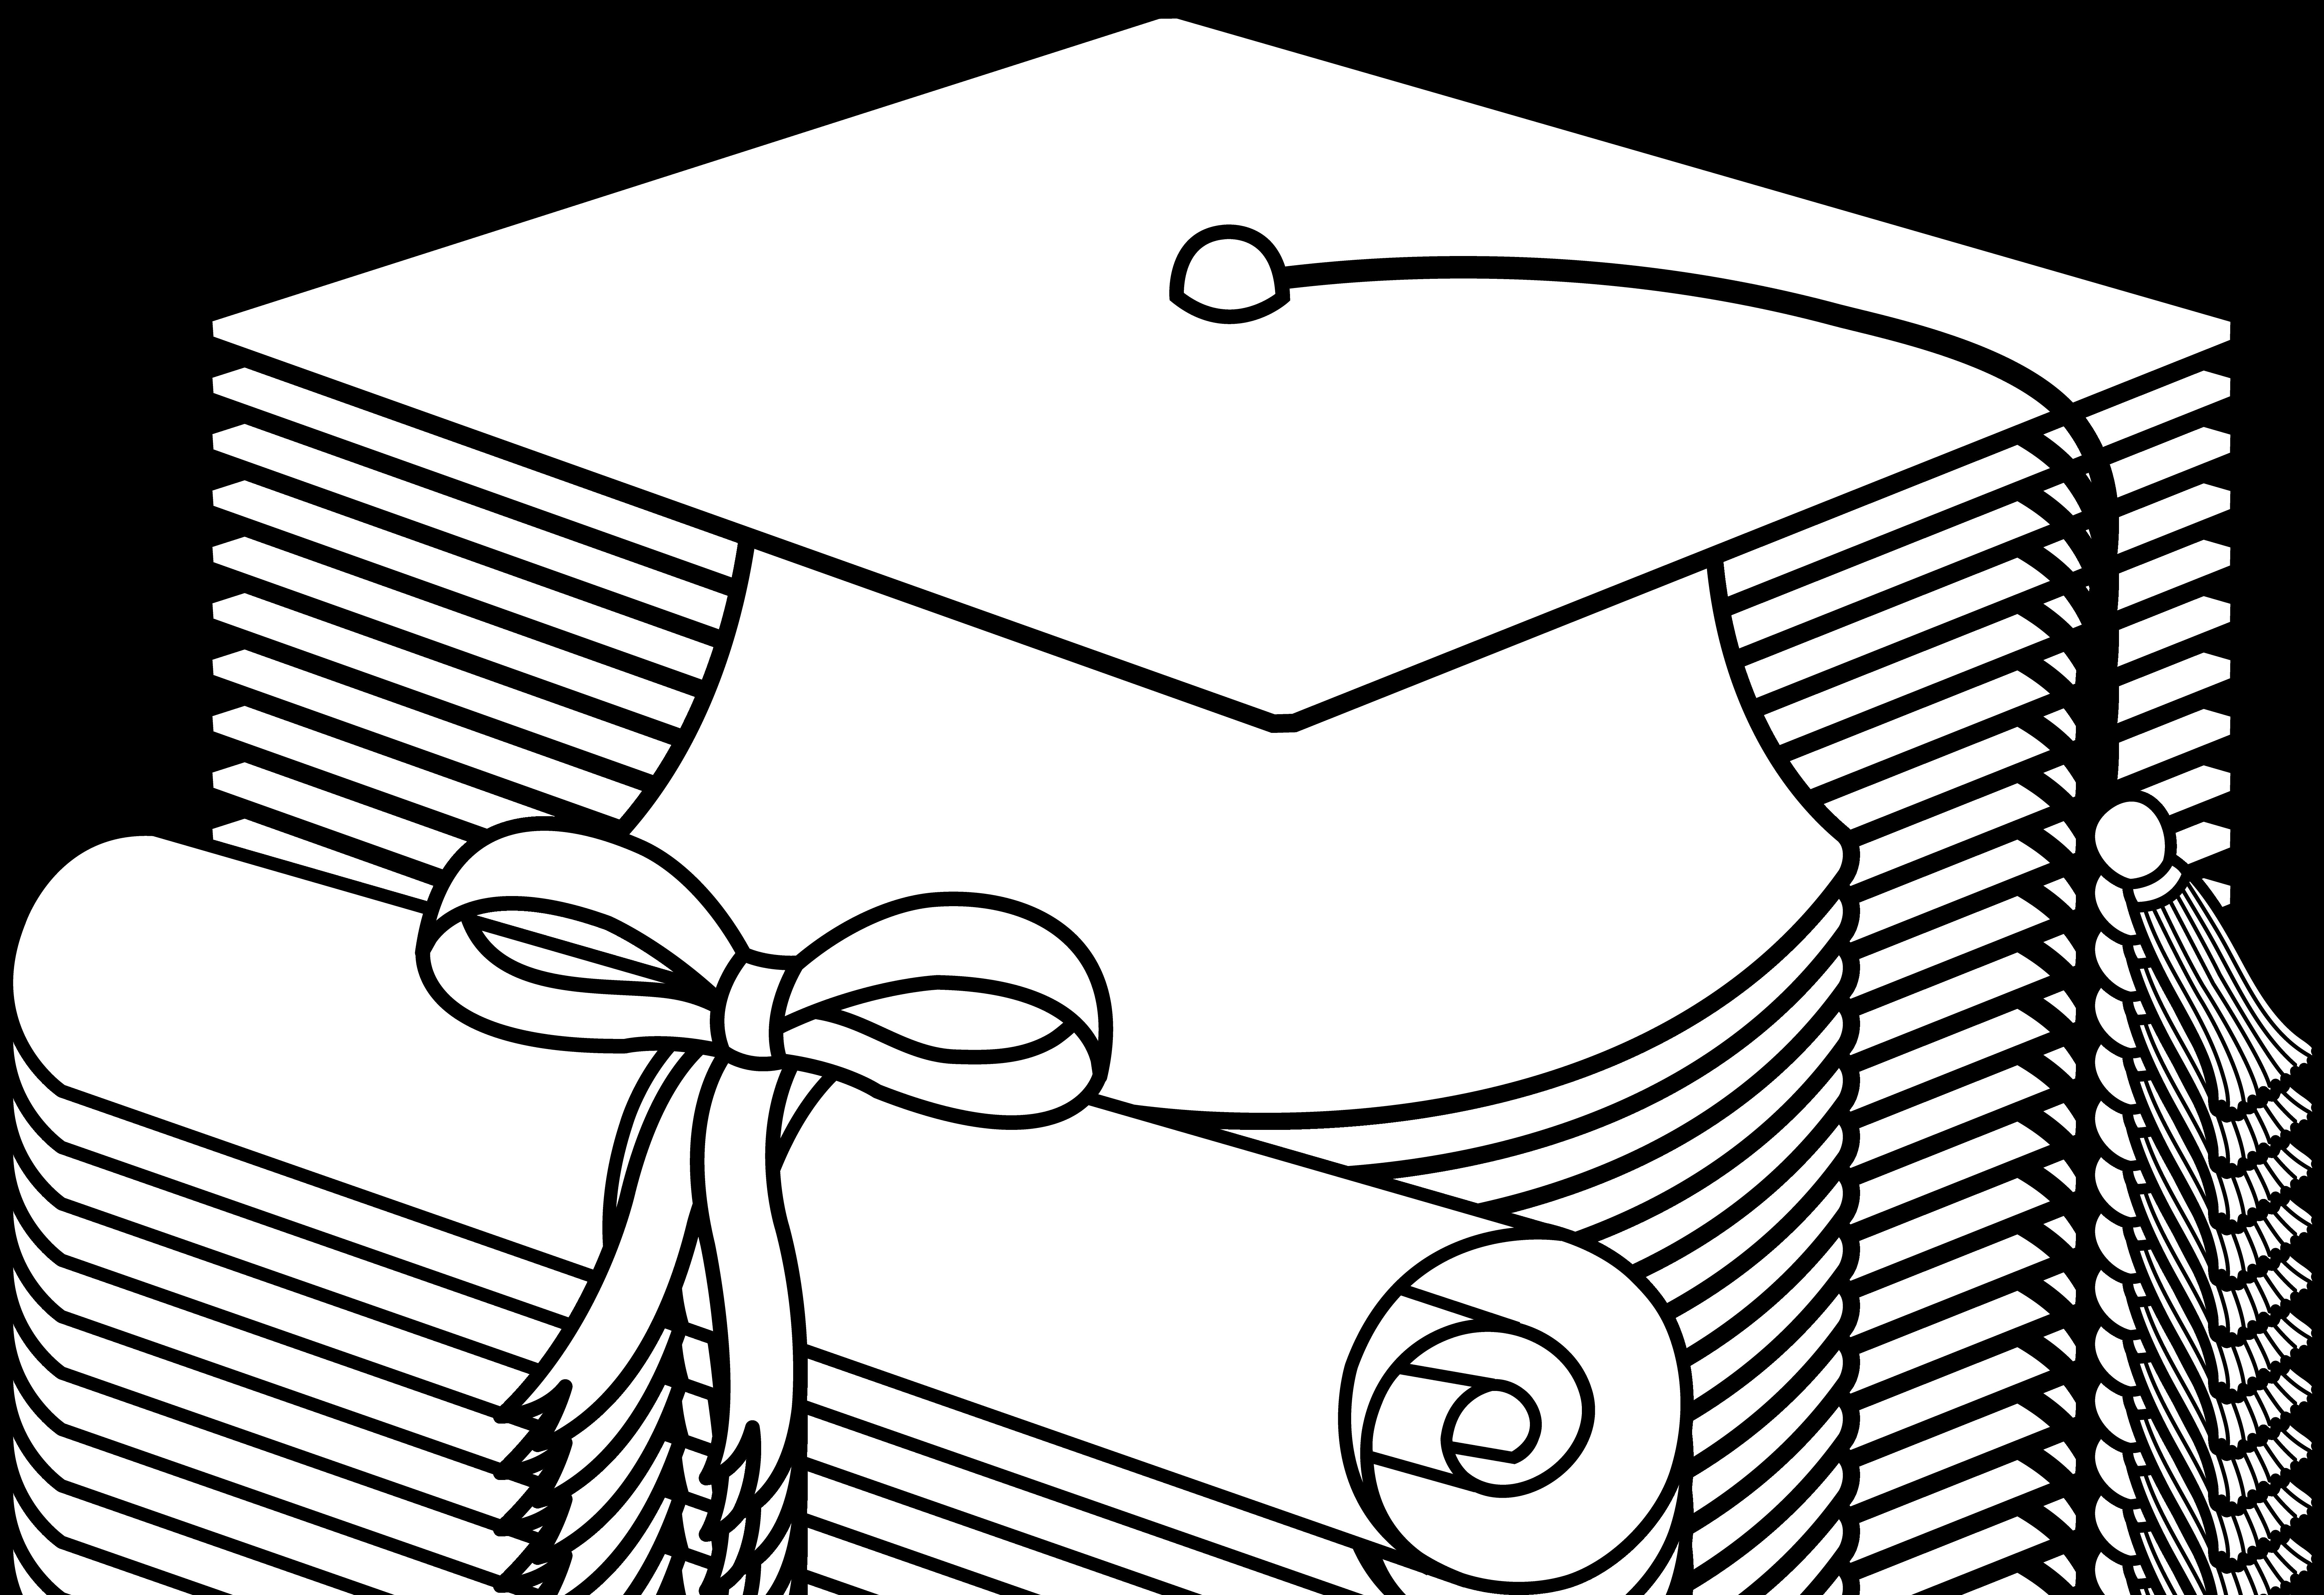 Flying Graduation Caps Clip Art.